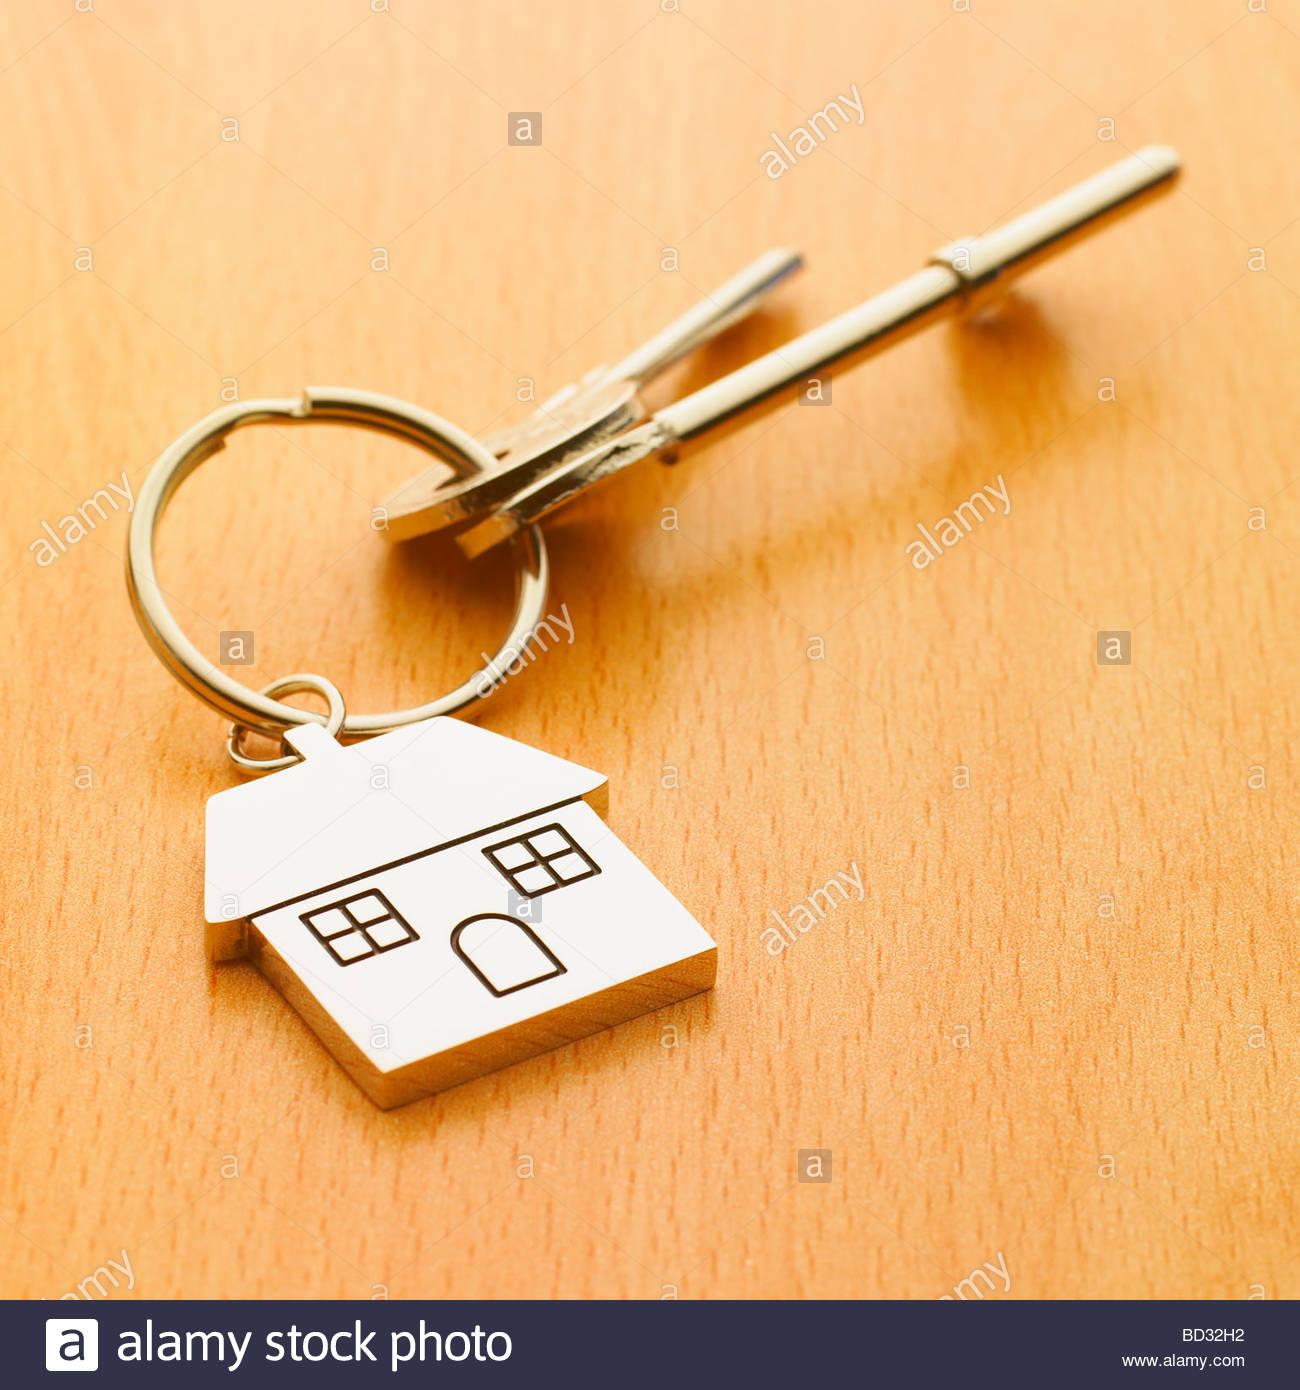 Hausschlüssel an einem Haus geprägt Schlüsselanhänger auf Tischplatte befestigt. Stockbild